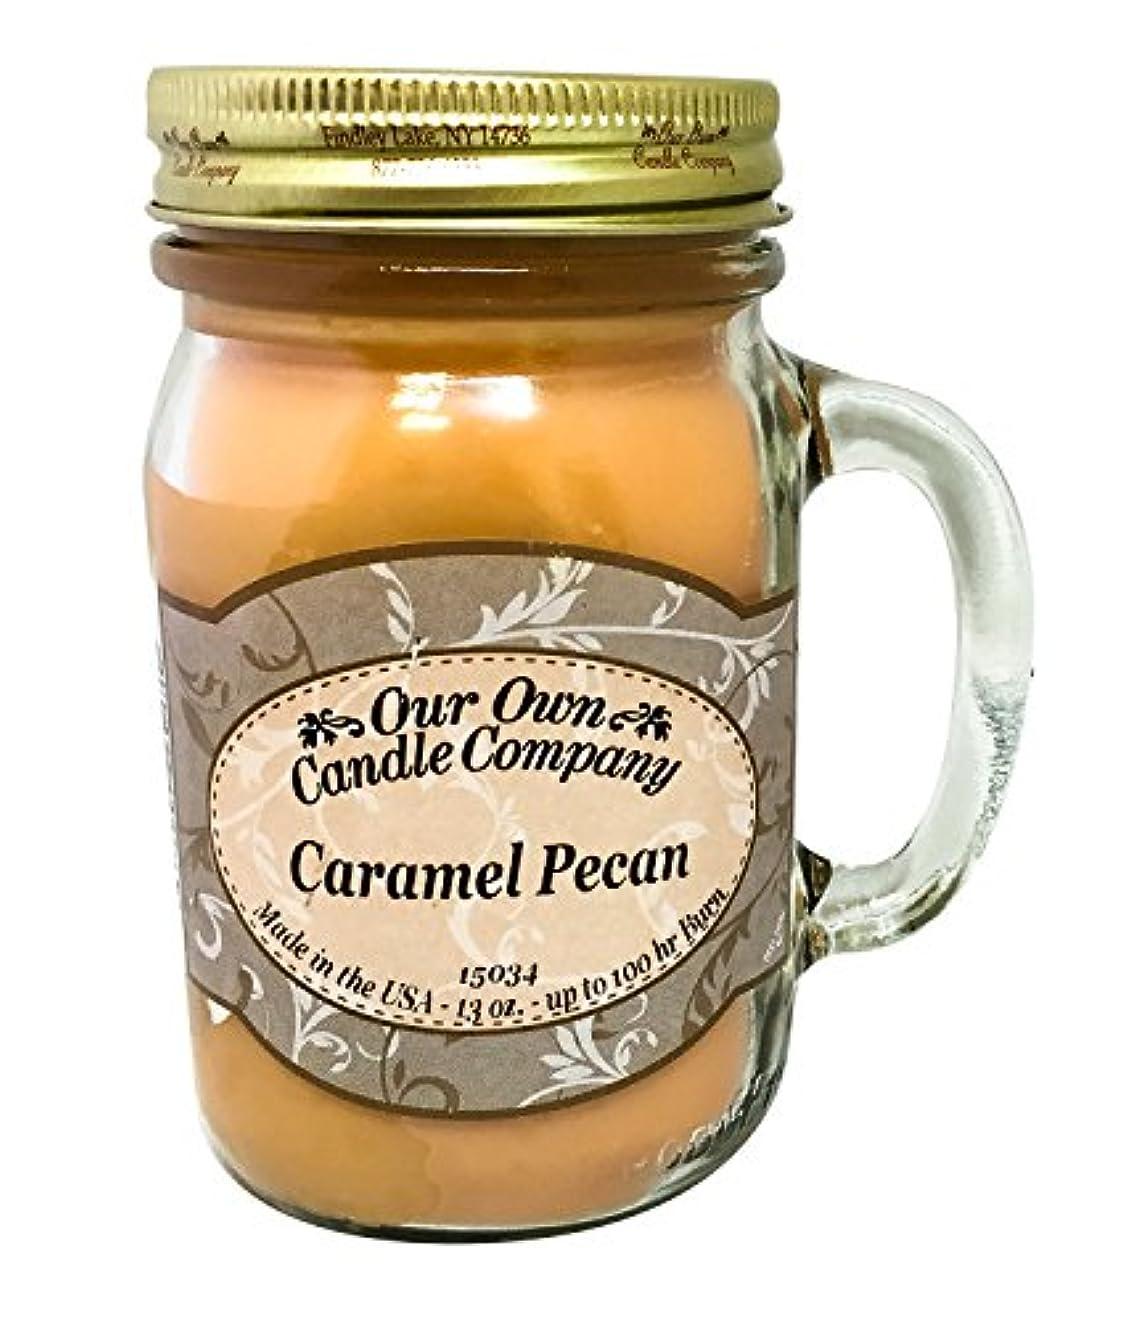 考えた幸運リンケージアロマキャンドル メイソンジャー キャラメルピーカン ビッグ Our Own Candle Company Caramel Pecan big